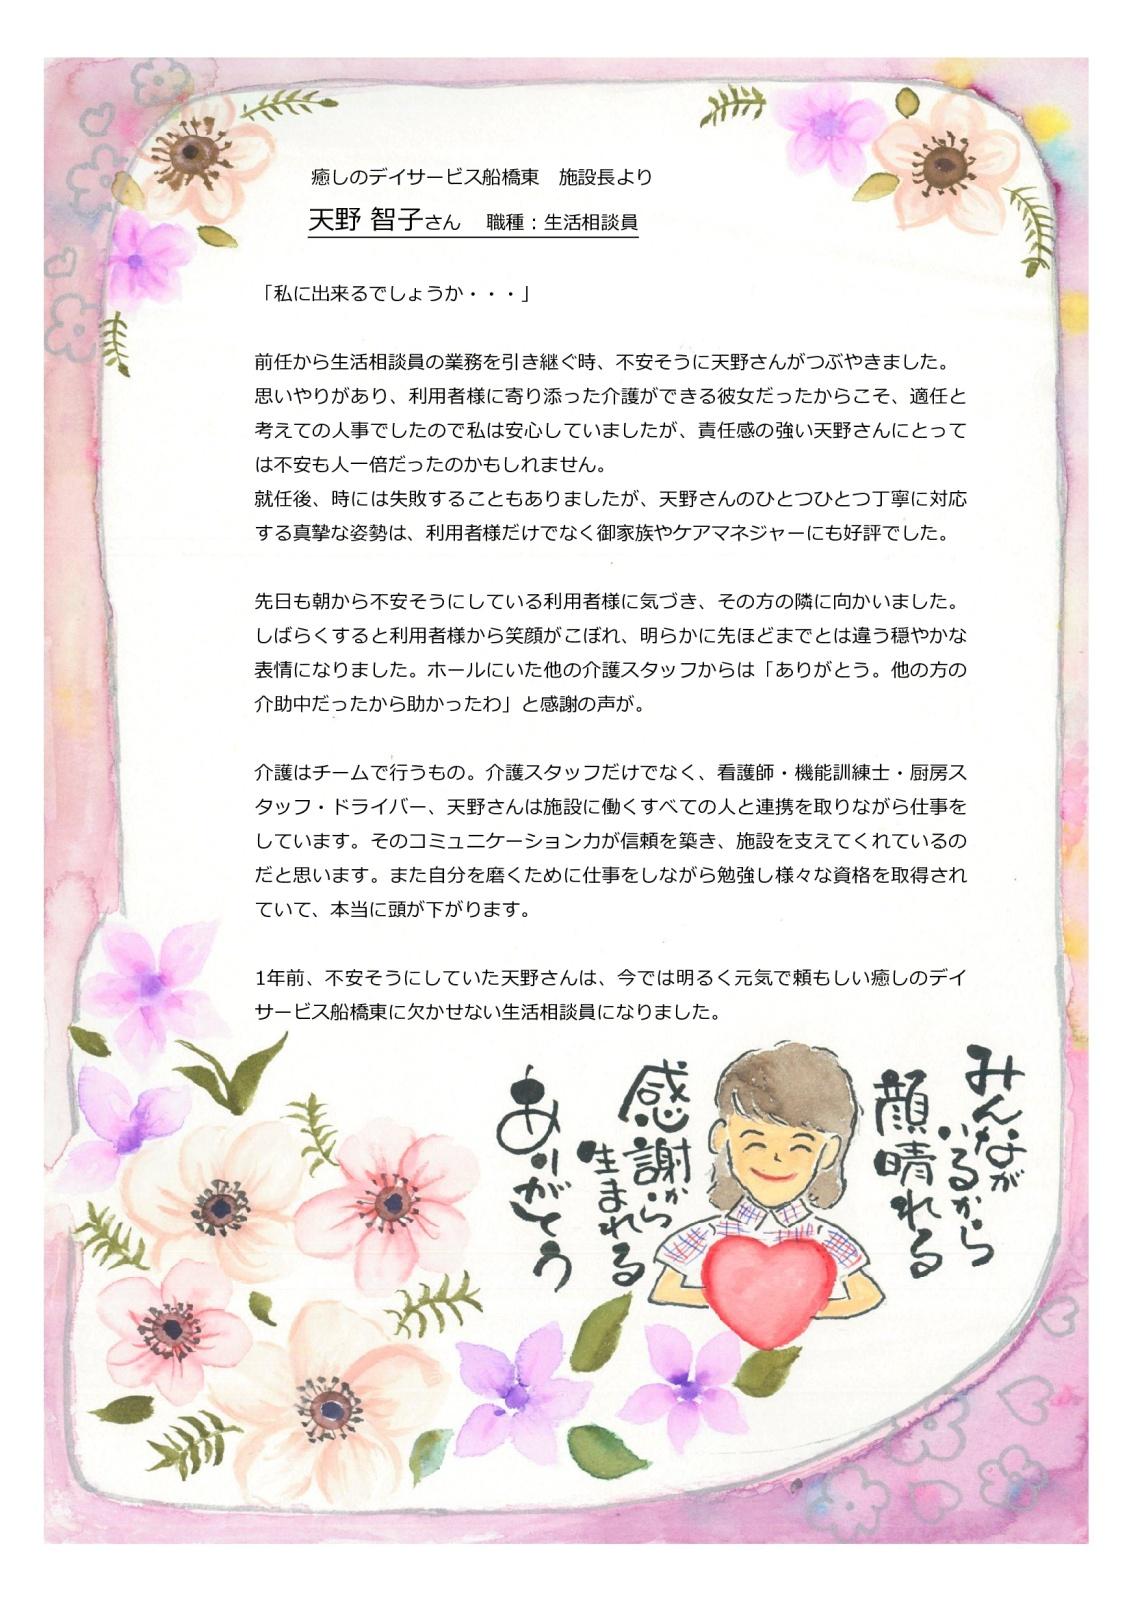 ホスピタリティ賞 受賞スタッフ紹介~癒しのデイサービス船橋東